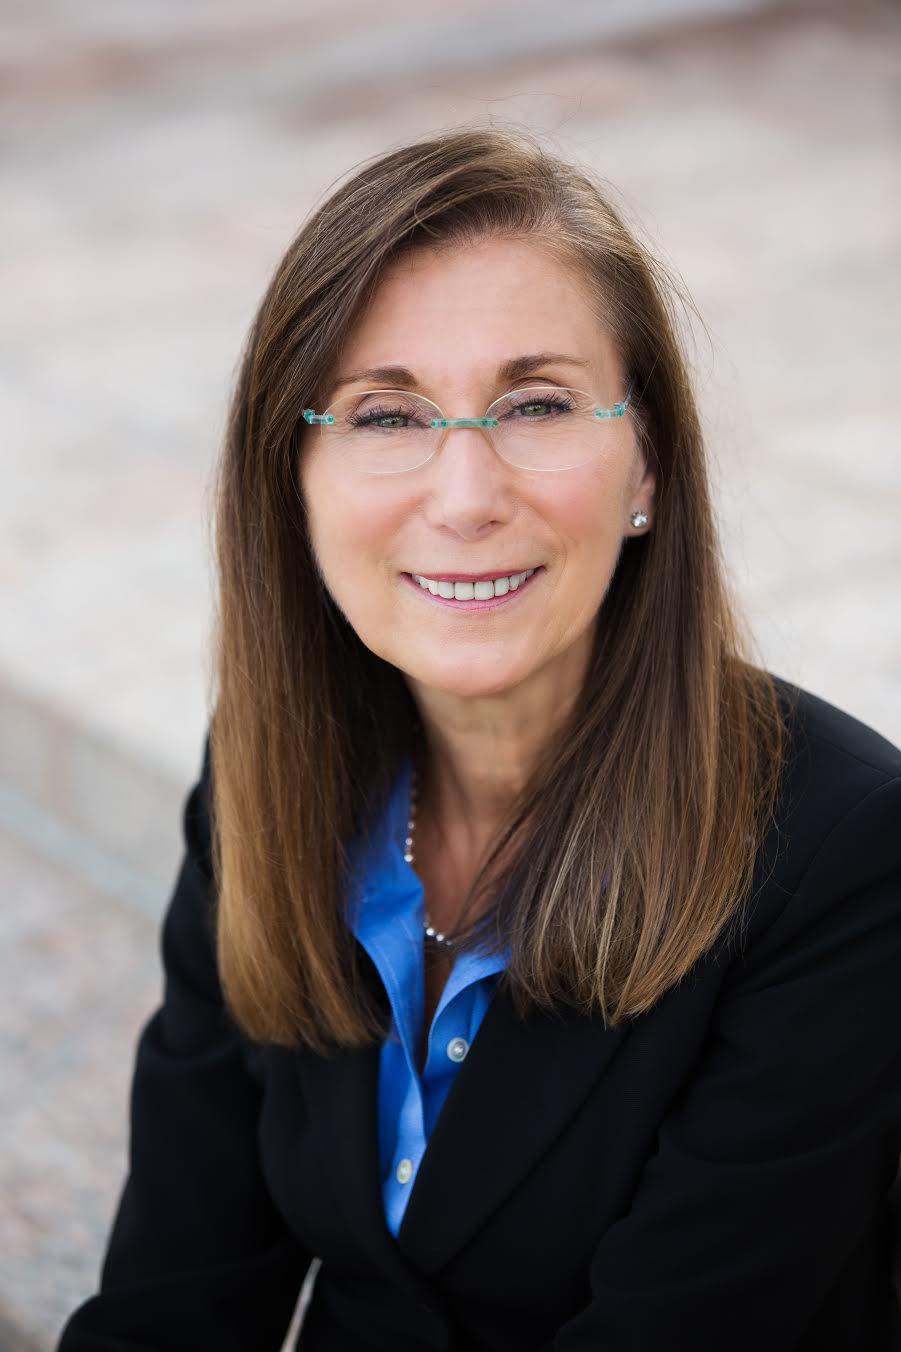 Barbara Greenspan, Psy.D., MHSA